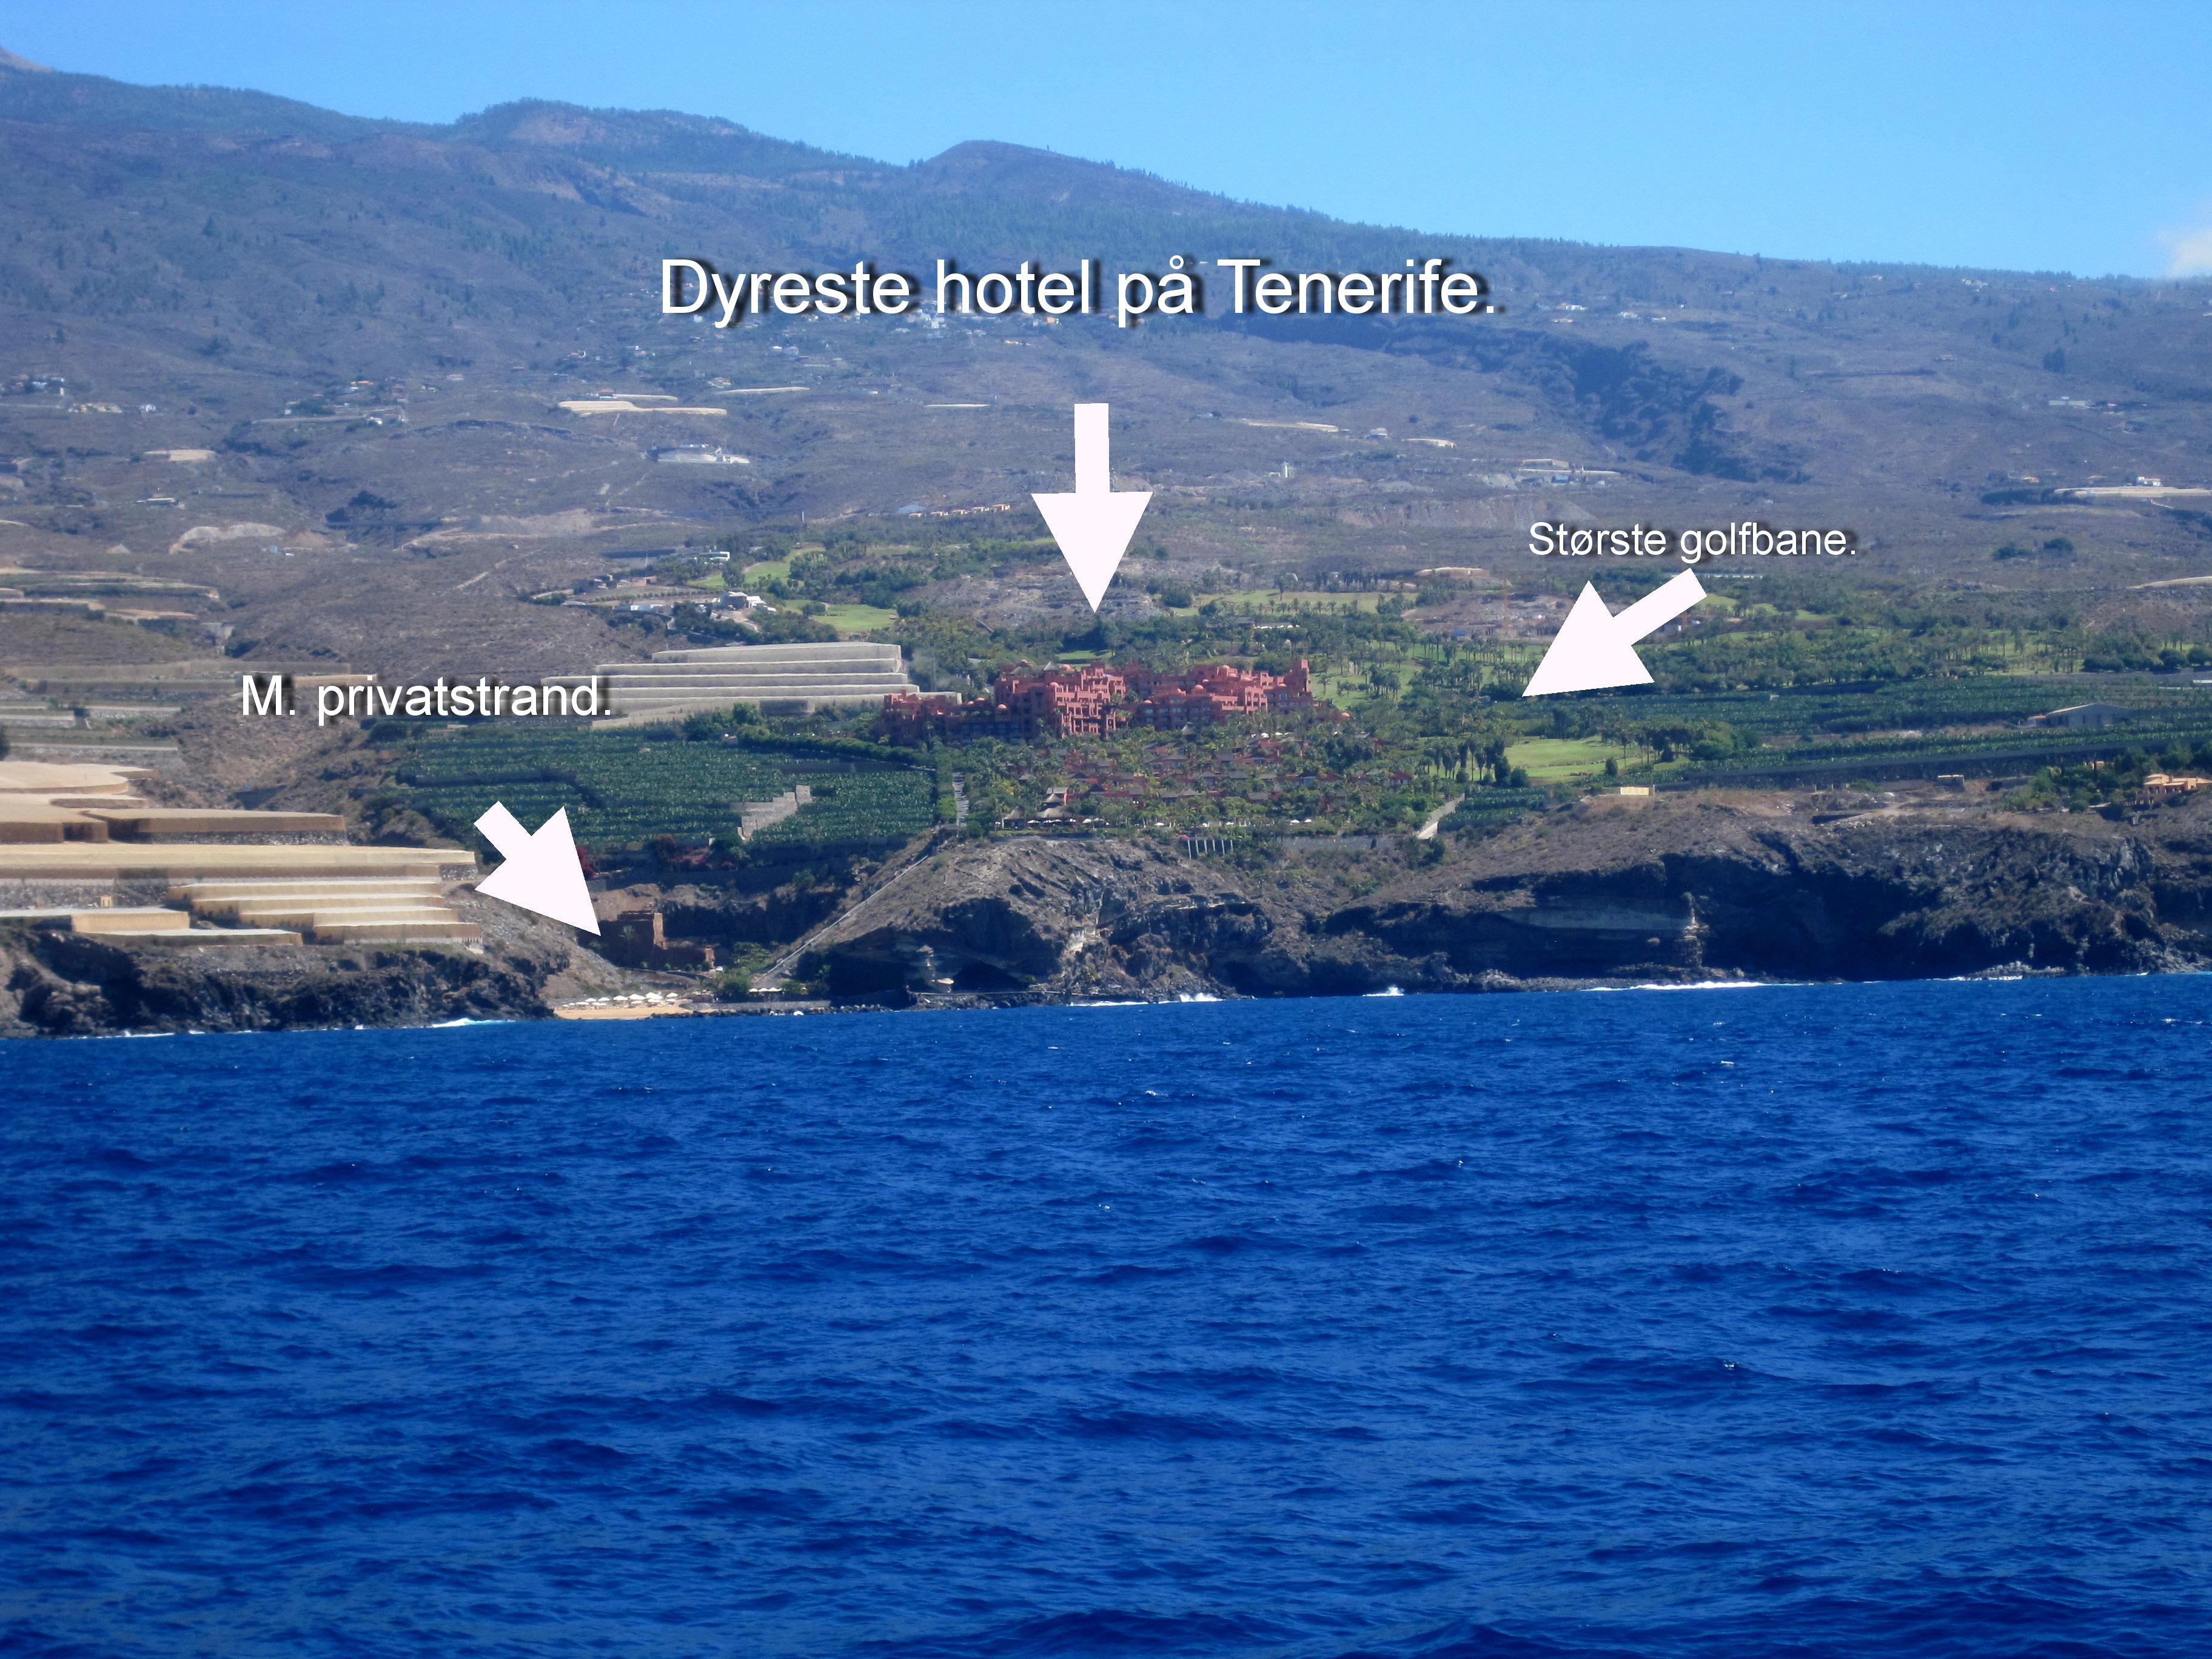 Dyreste hotel på Tenerife.